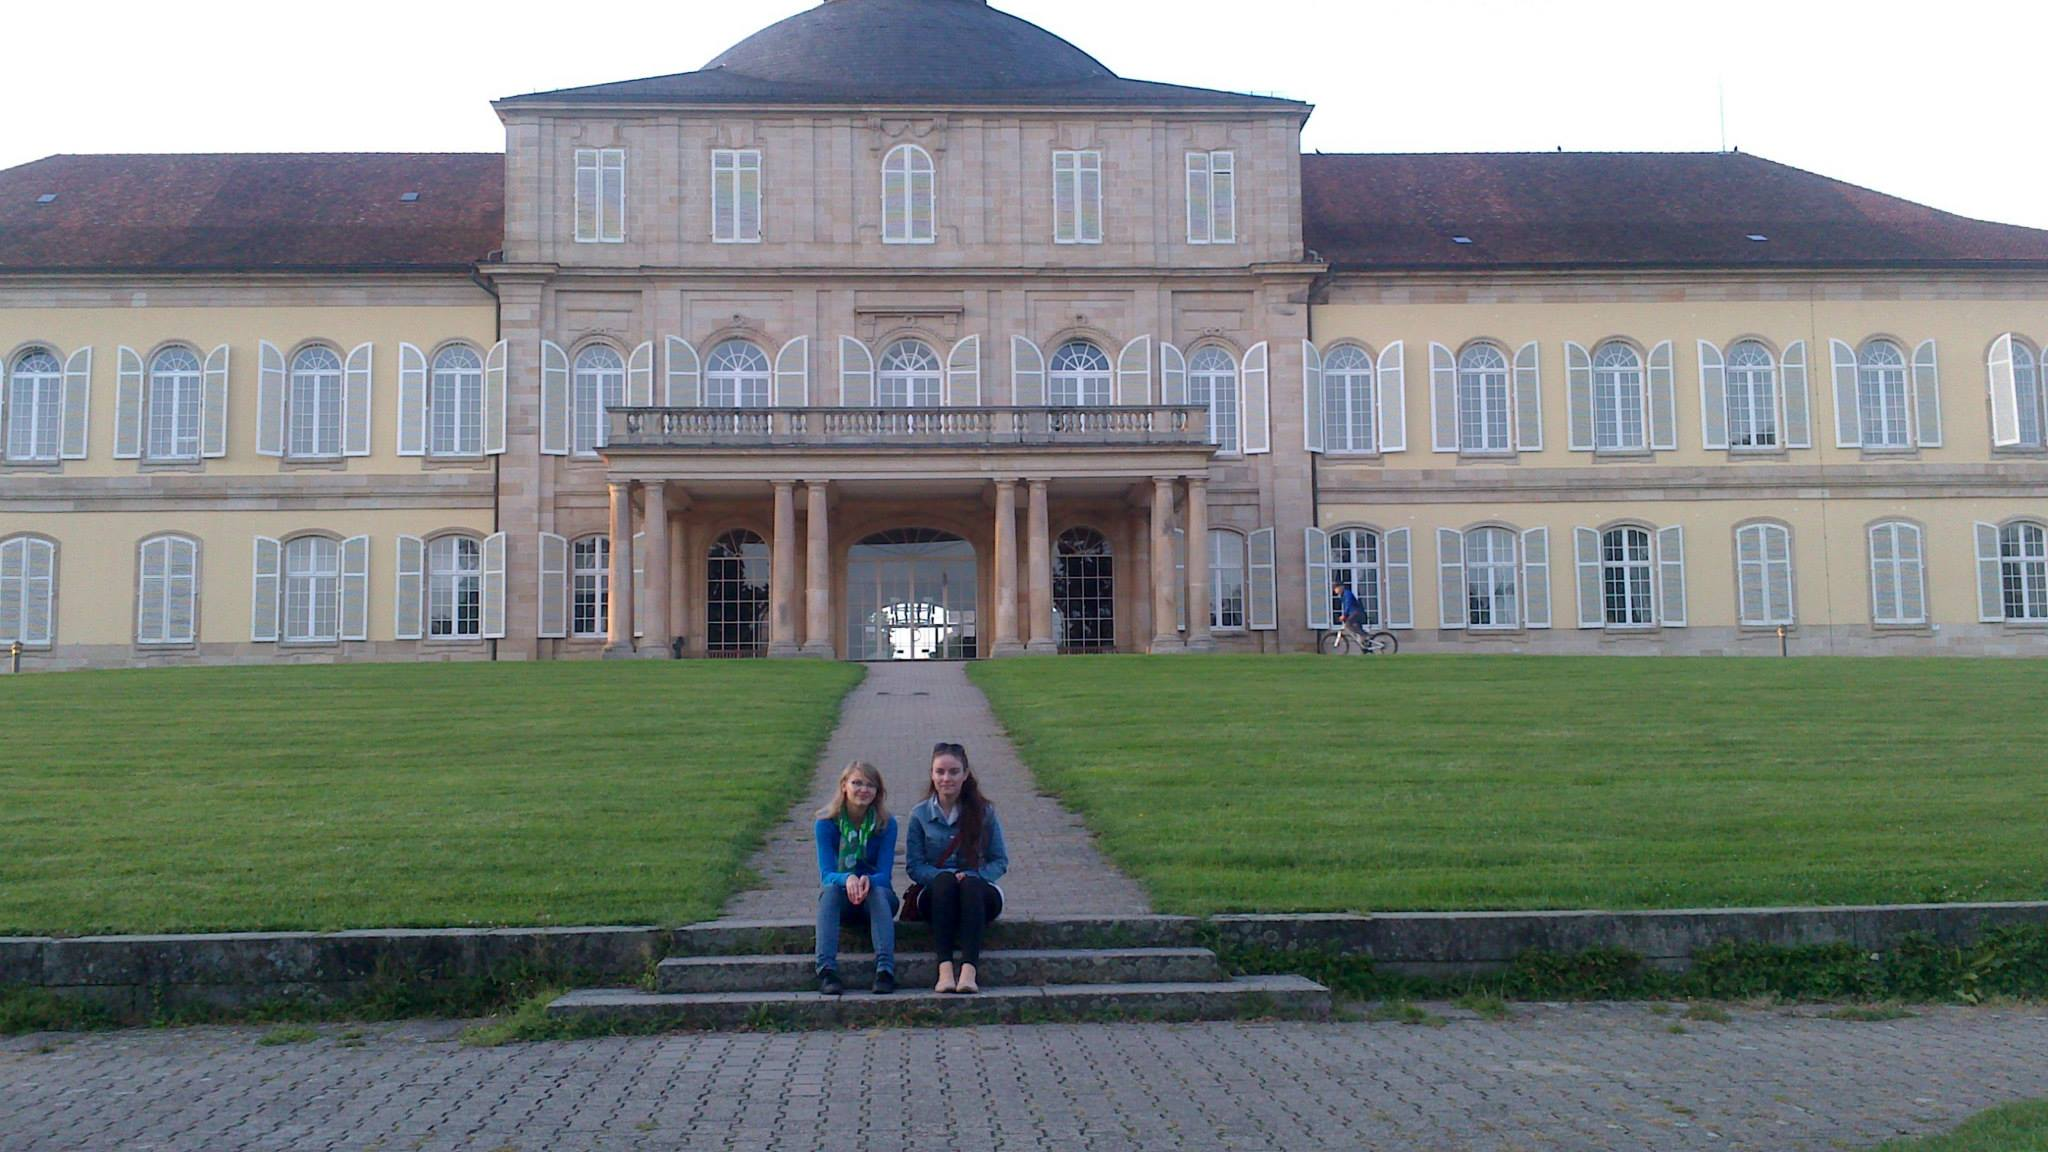 Štúdium v Nemecku, skúsenosť na nezaplatenie_3